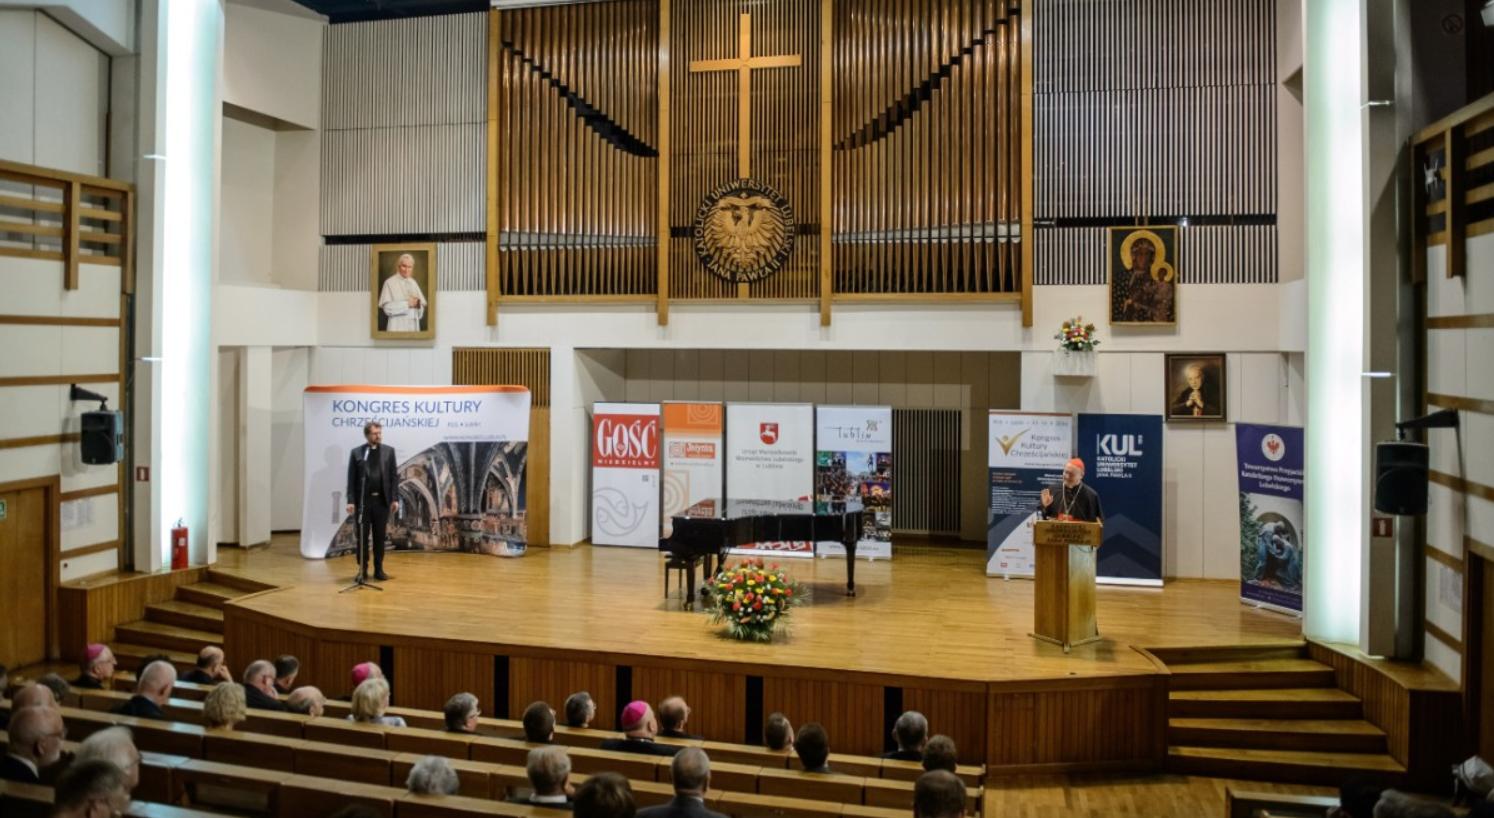 В Польше пройдет международный фестиваль христианской культуры